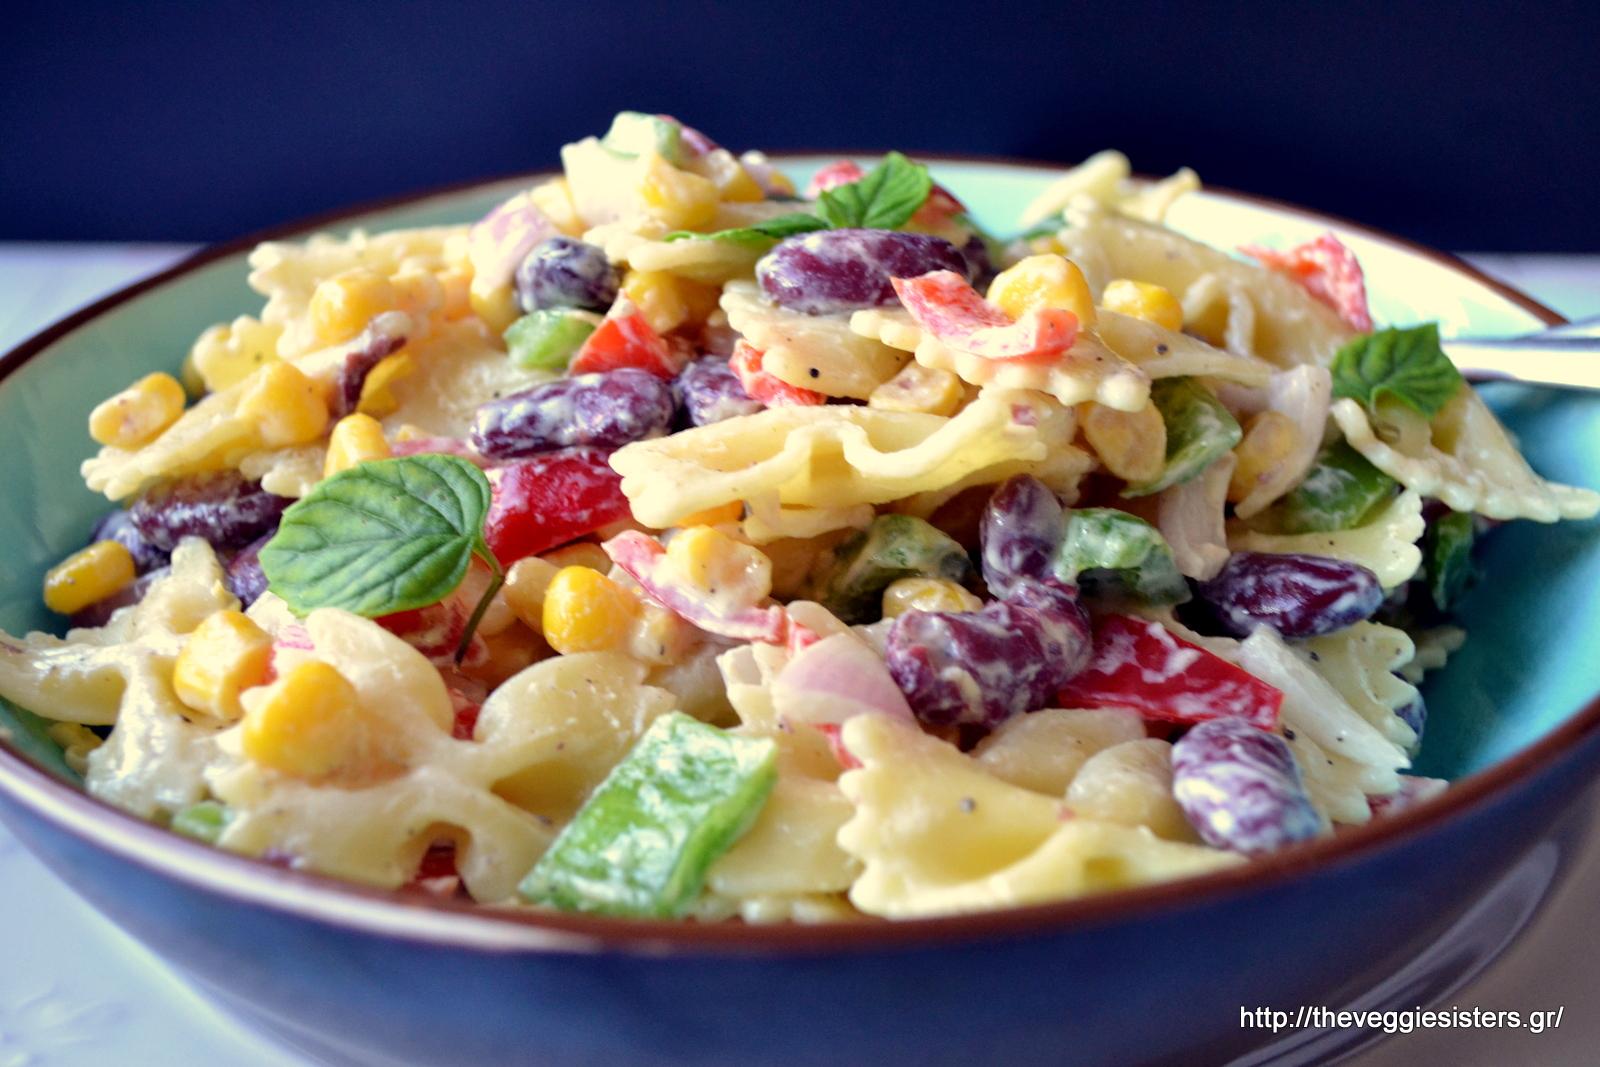 Σαλάτα ζυμαρικών με λαχανικά κ φυτική μαγιονέζα - Vegan mayo veggie pasta salad